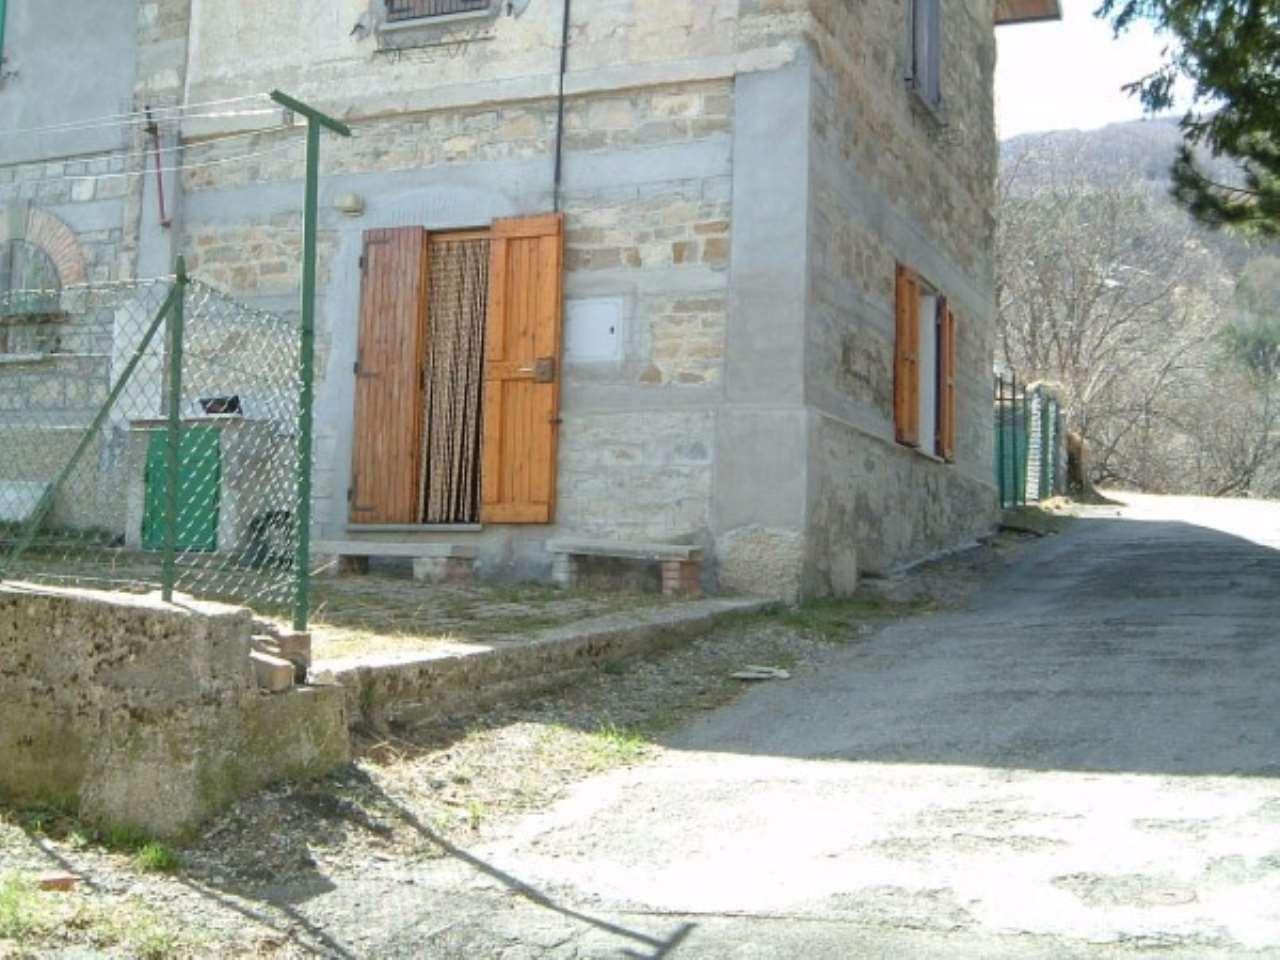 Appartamento in vendita a Villa Minozzo, 3 locali, prezzo € 37.000 | Cambio Casa.it